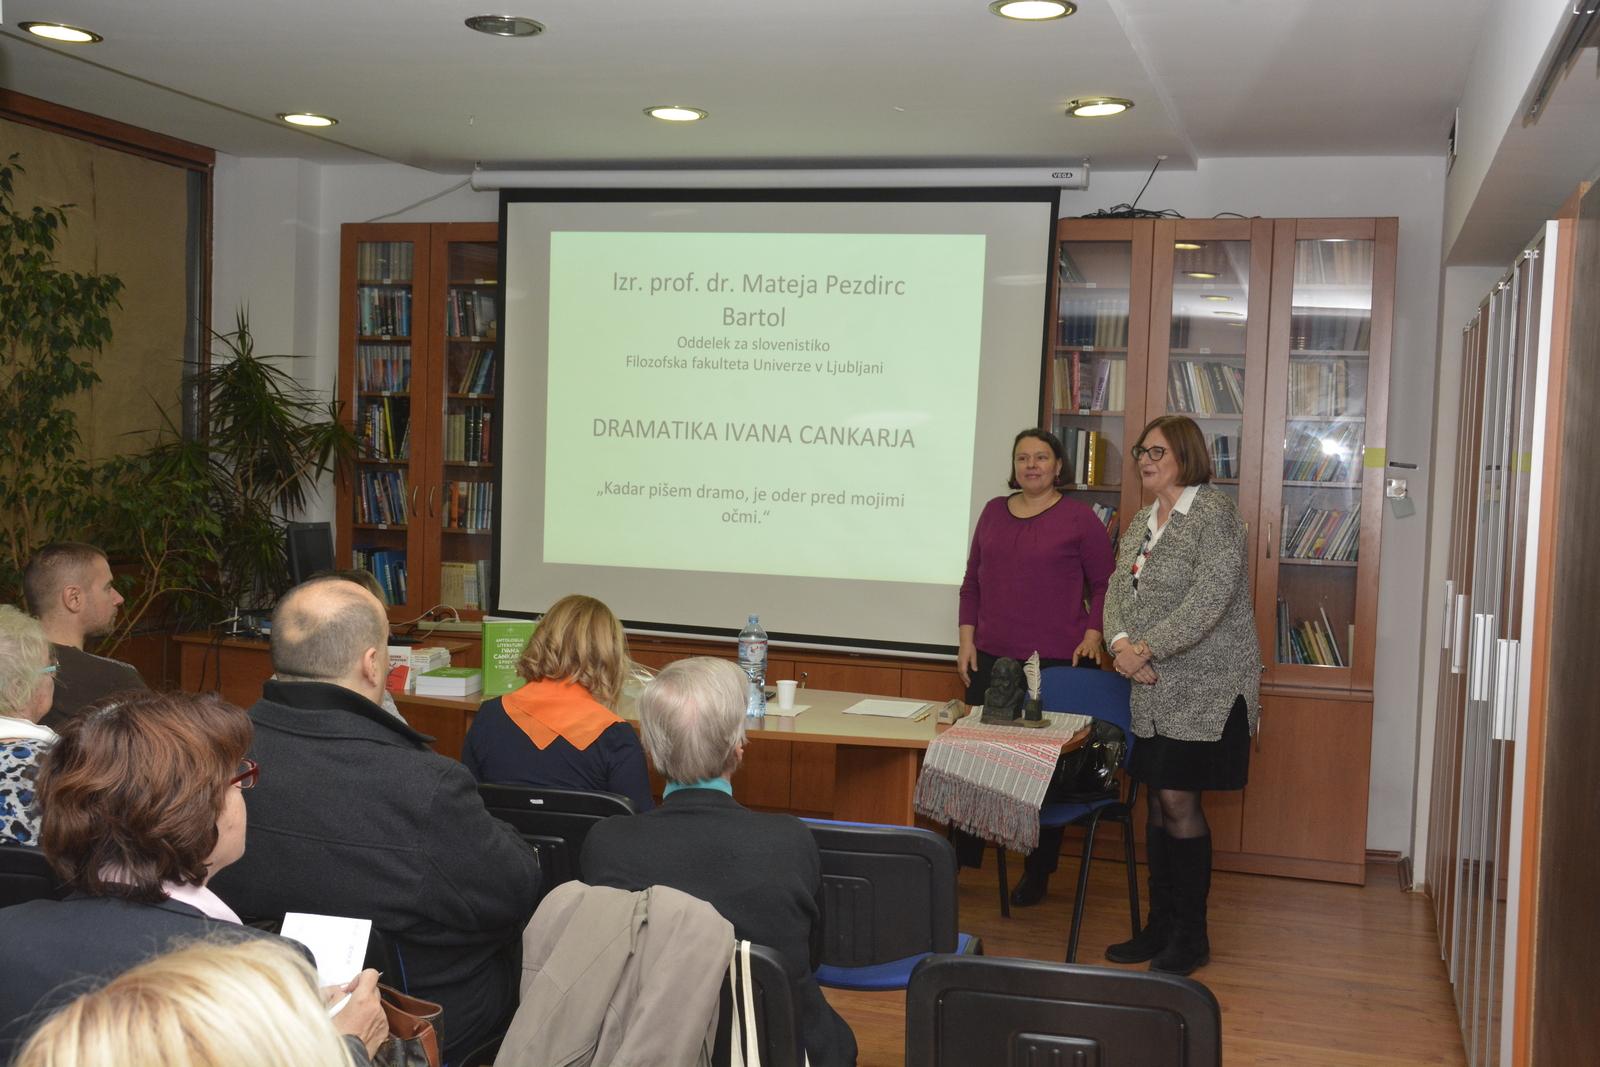 Predstavitev predavatljice dr. Mateje Pezdirc Bartol.JPG